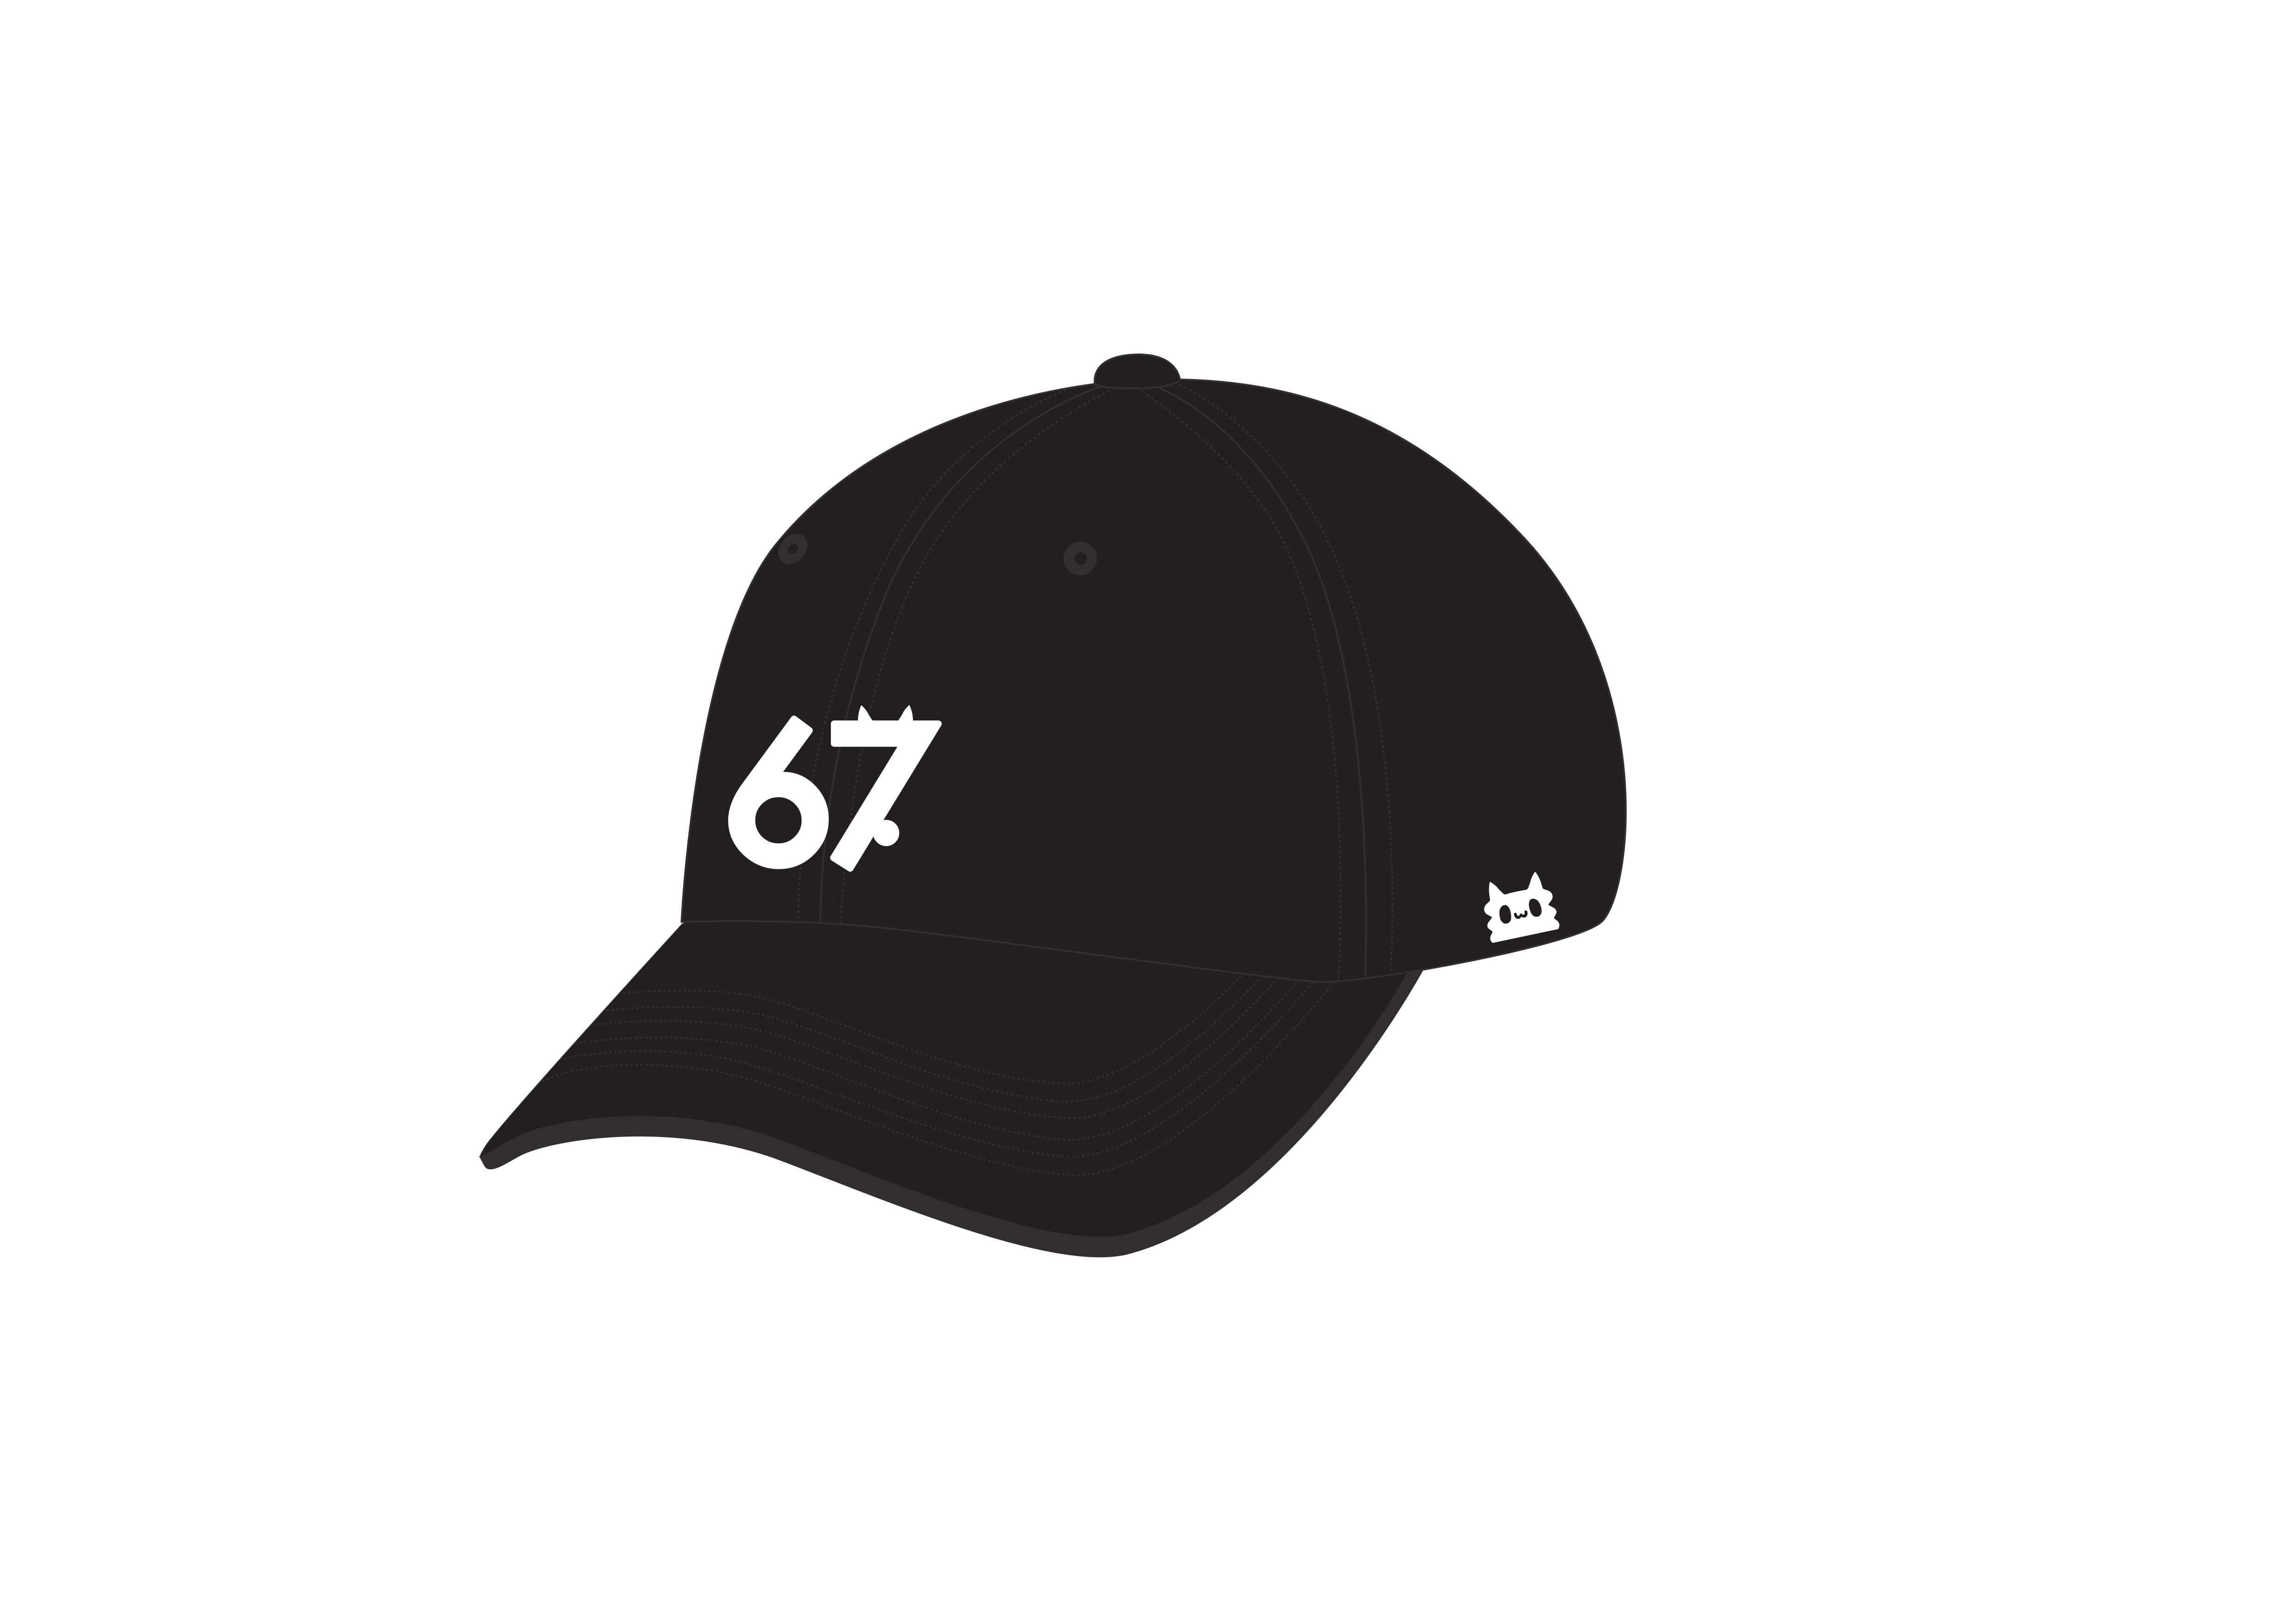 67(るな)キャップ